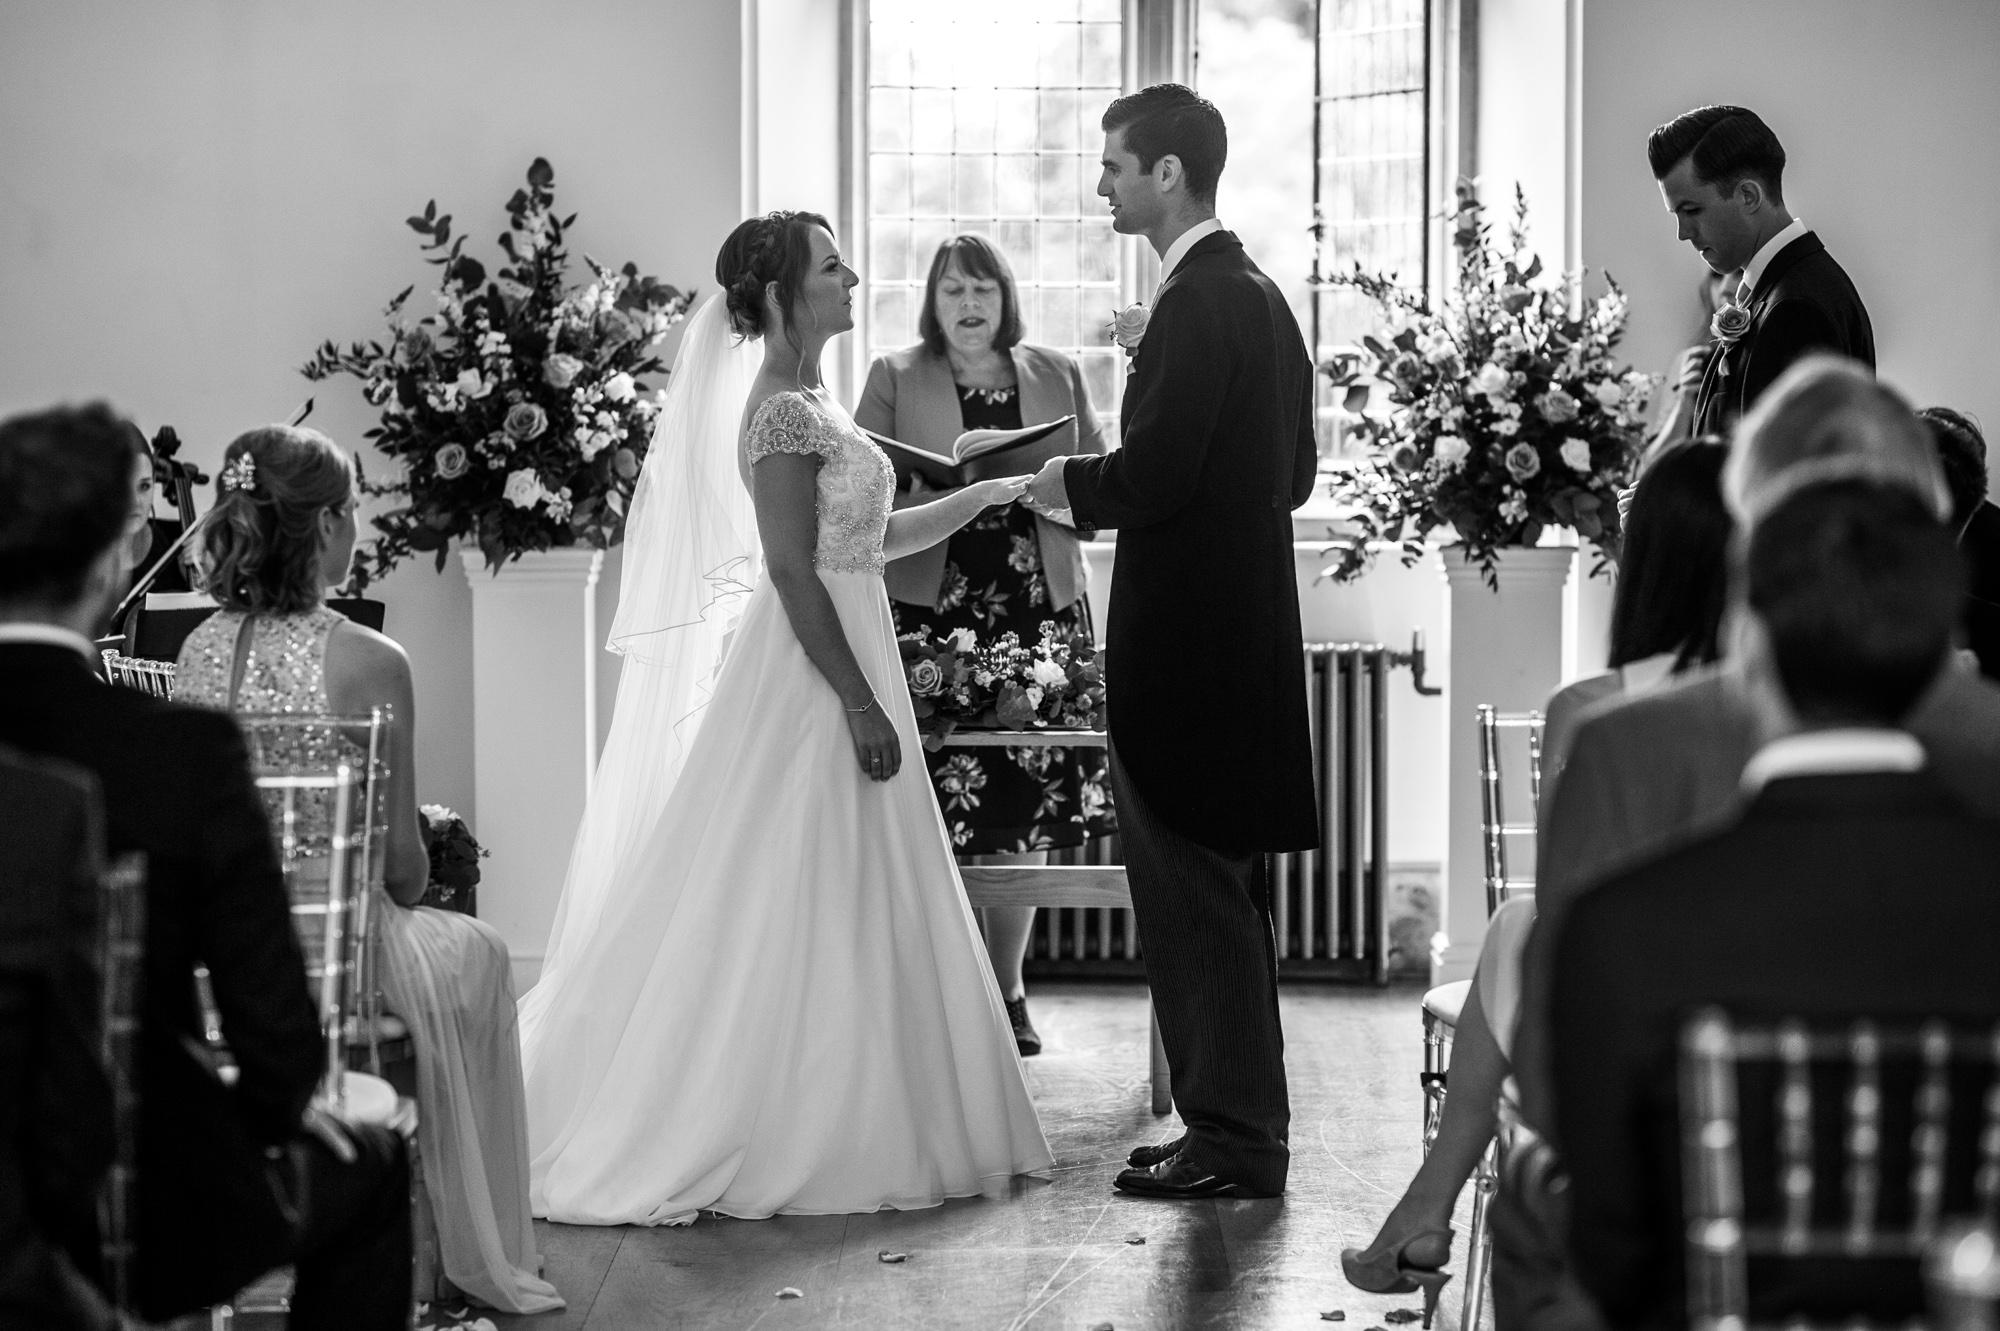 Notley Barn Wedding 26.10.18 12.jpg